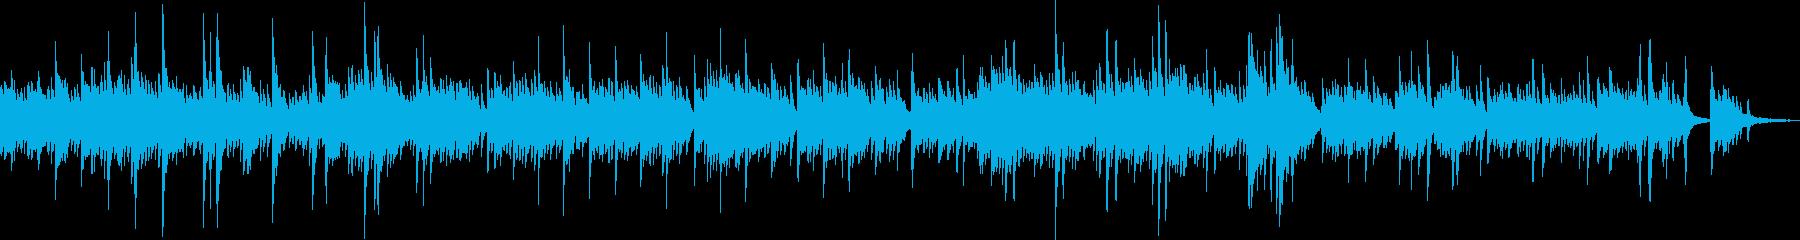 神秘的で優しい・美しいピアノ曲の再生済みの波形